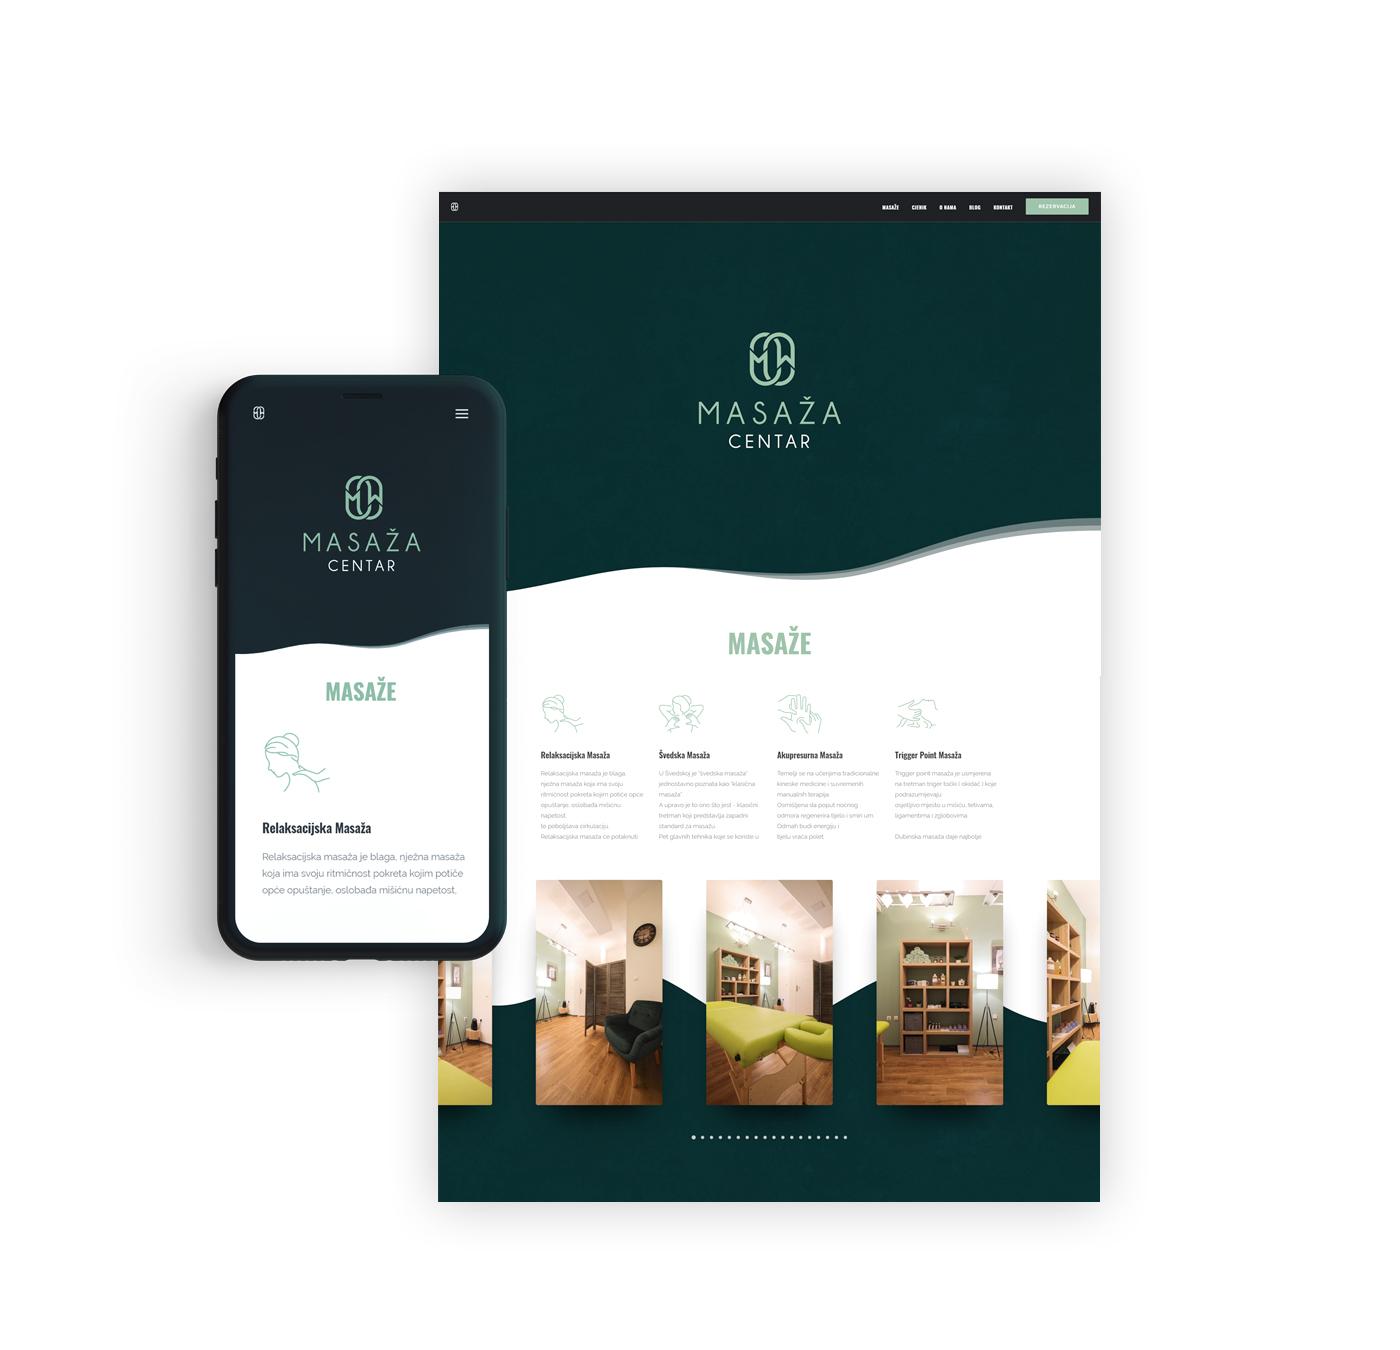 masaza centar web mobile